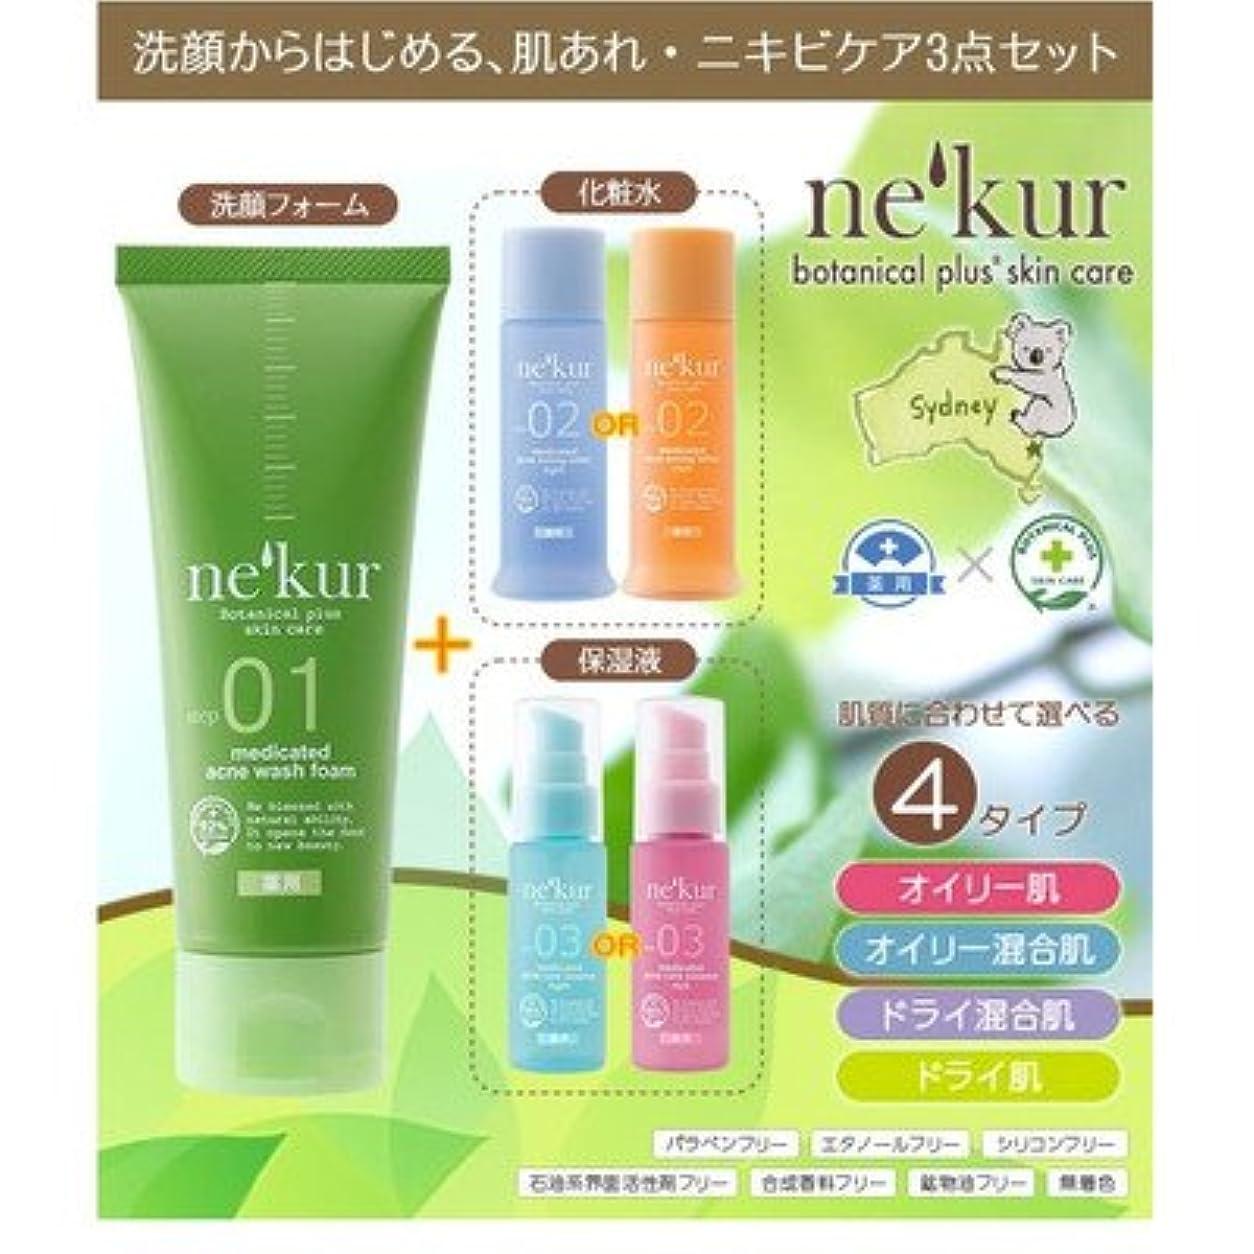 またはメンタリティ開発ネクア(nekur) ボタニカルプラススキンケア 薬用アクネ洗顔3点セット オイリー肌セット( 画像はイメージ画像です お届けの商品はオイリー肌セットのみとなります)